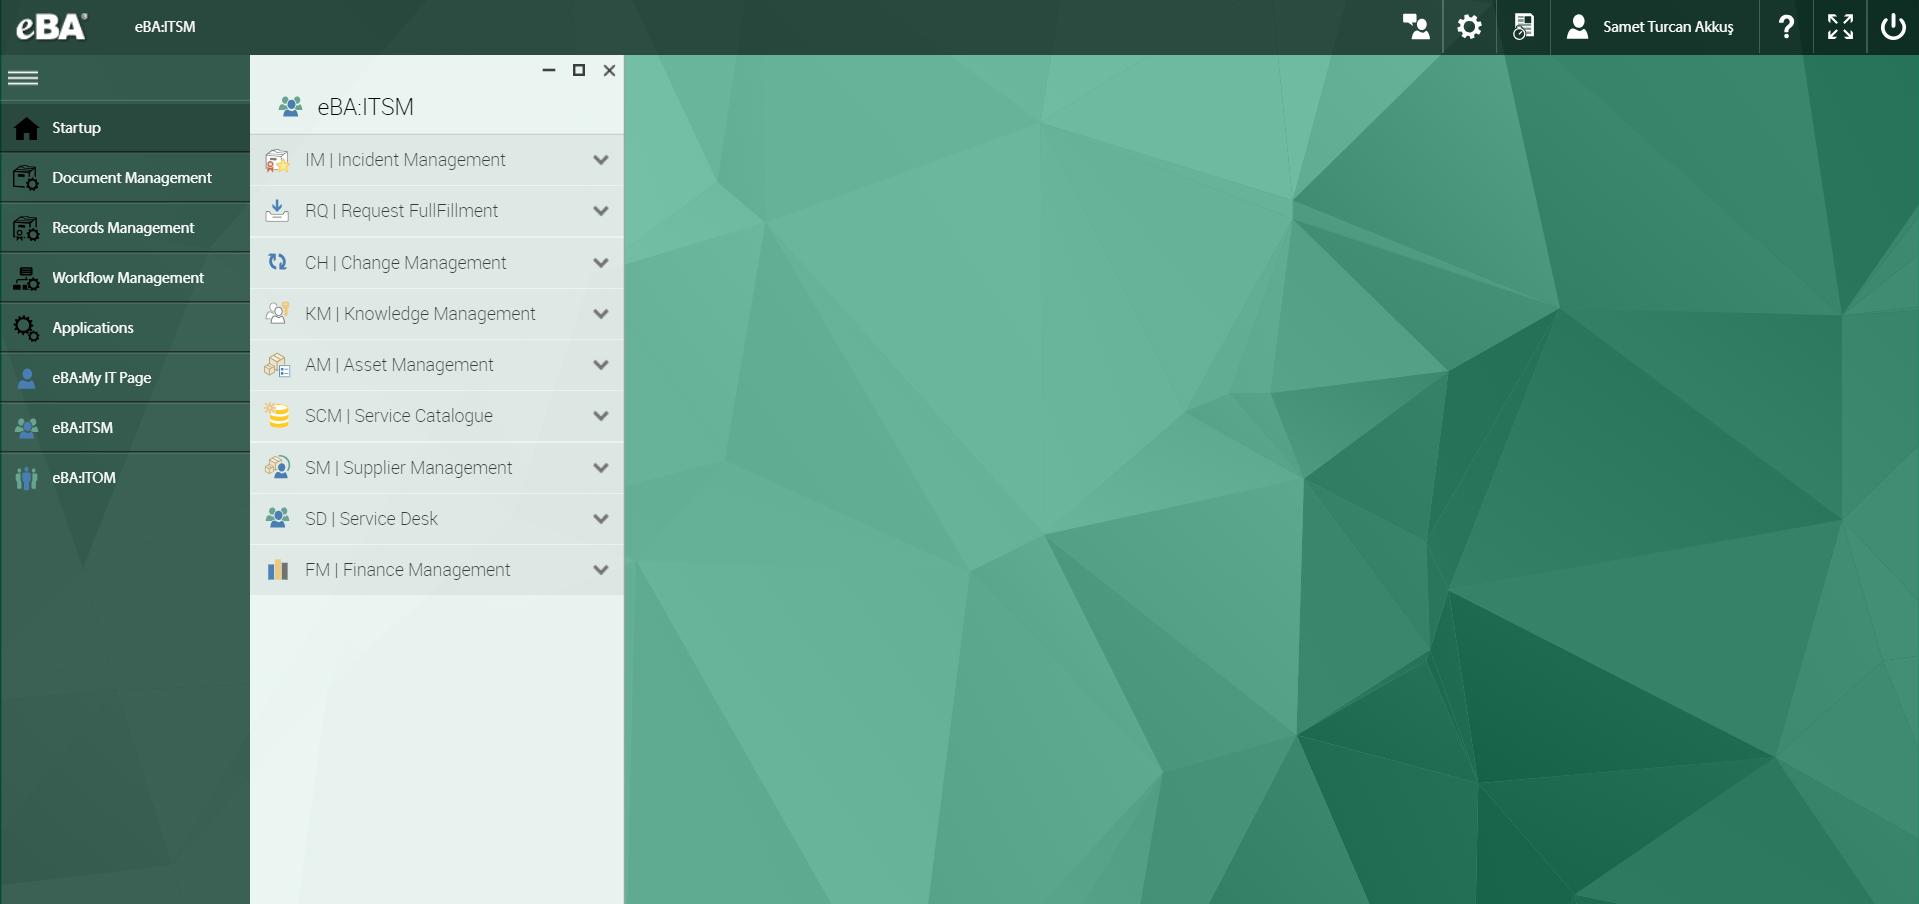 eBA ITSM Software - Dashboard